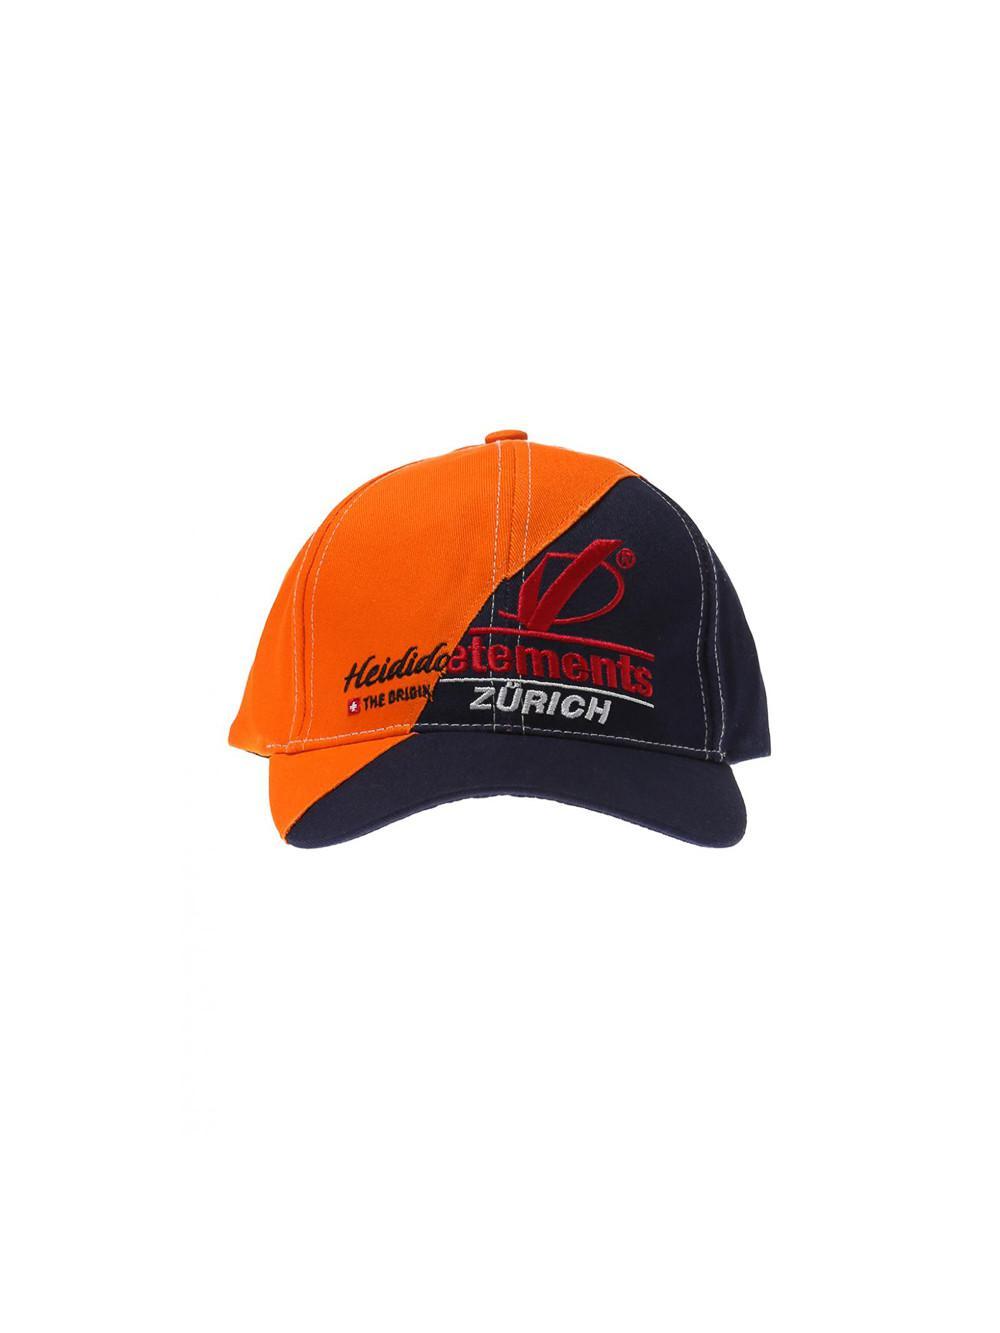 Vetements Zurich Cut Up Cap for Men - Lyst b3309187d684